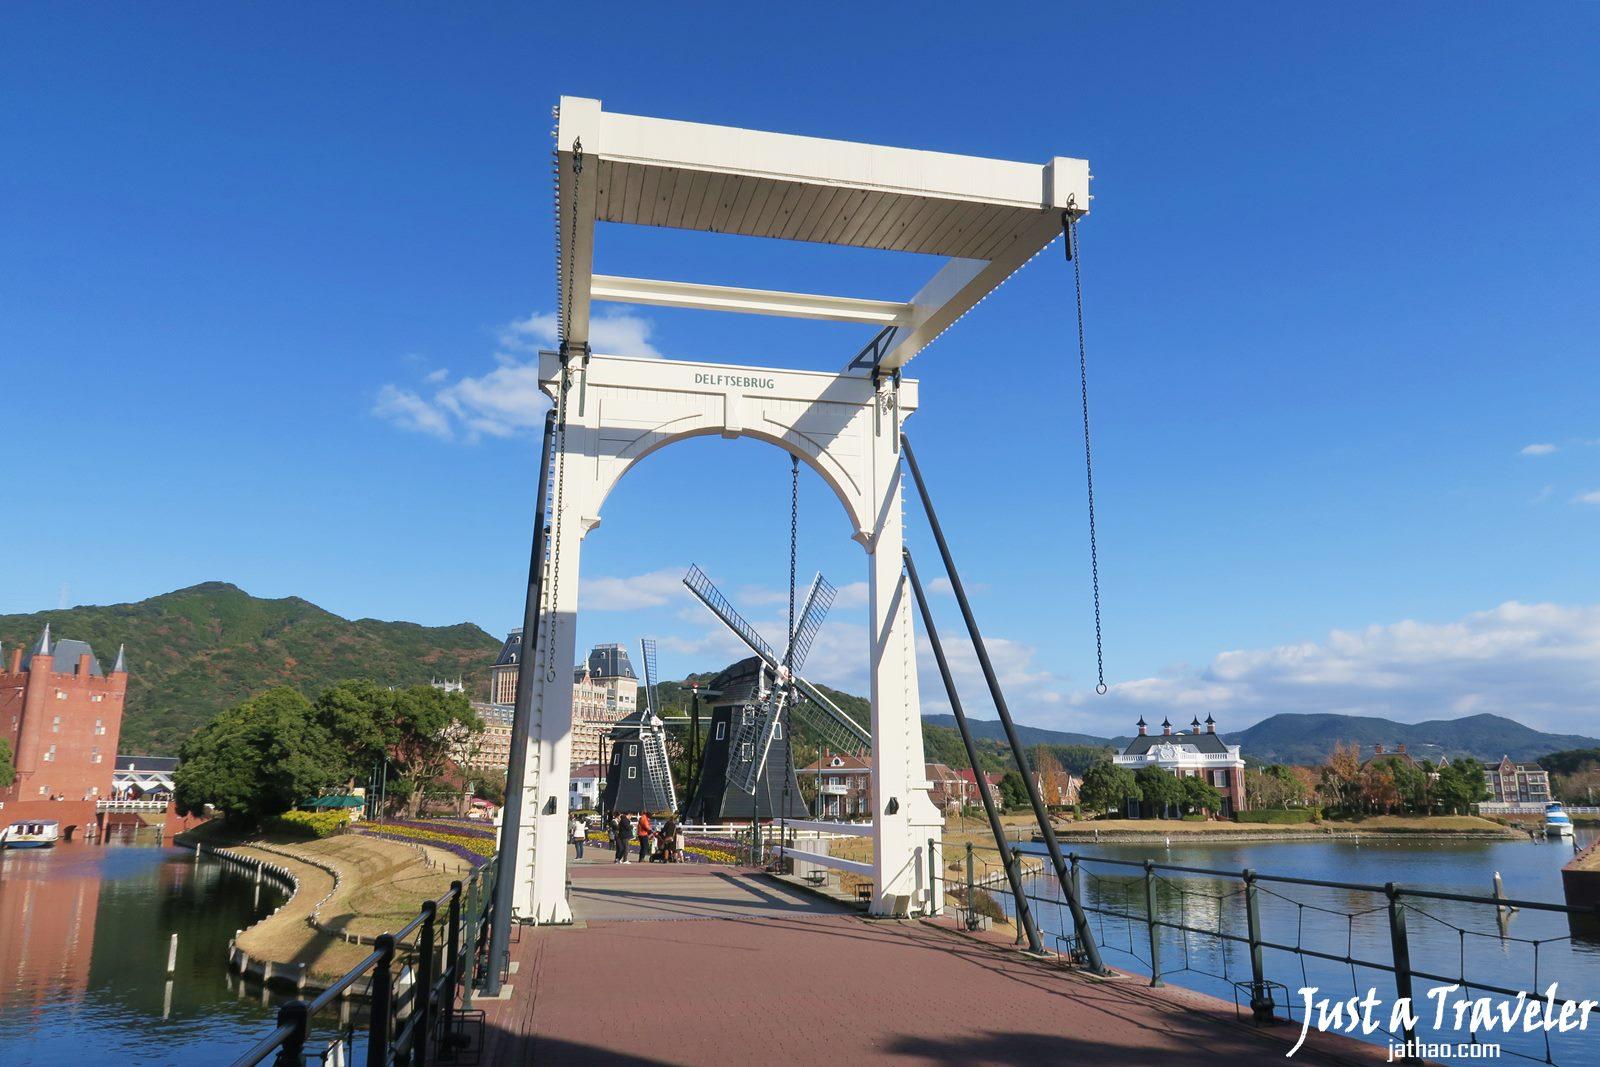 九州-長崎-景點-推薦-豪斯登堡-行程-旅遊-自由行-Kyushu-Huis Ten Bosch-Travel-Japan